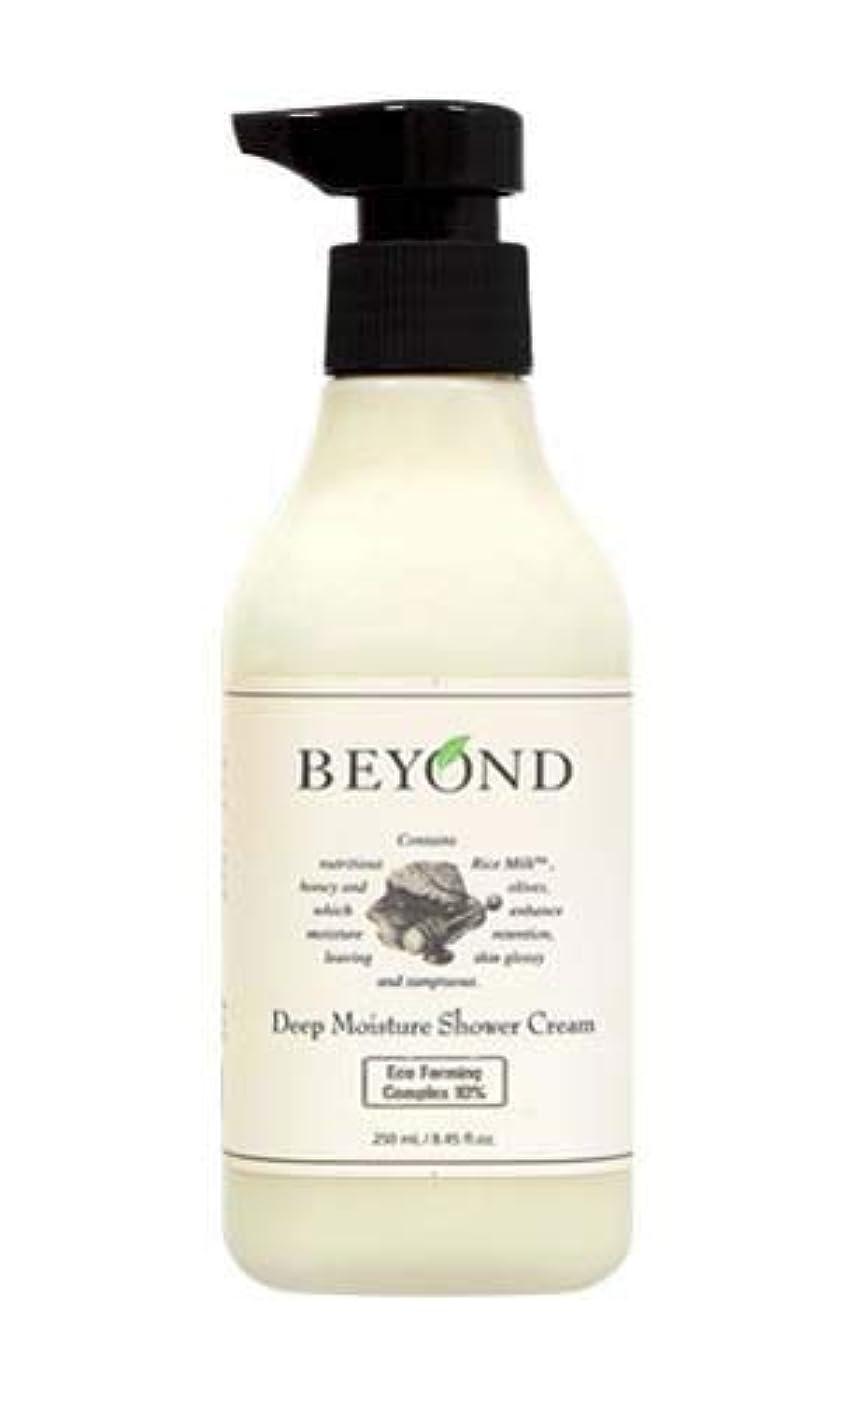 ショートローラー才能[ビヨンド] BEYOND [ディープモイスチャー シャワークリーム 250ml] Deep Moisture Shower Cream 250ml [海外直送品]